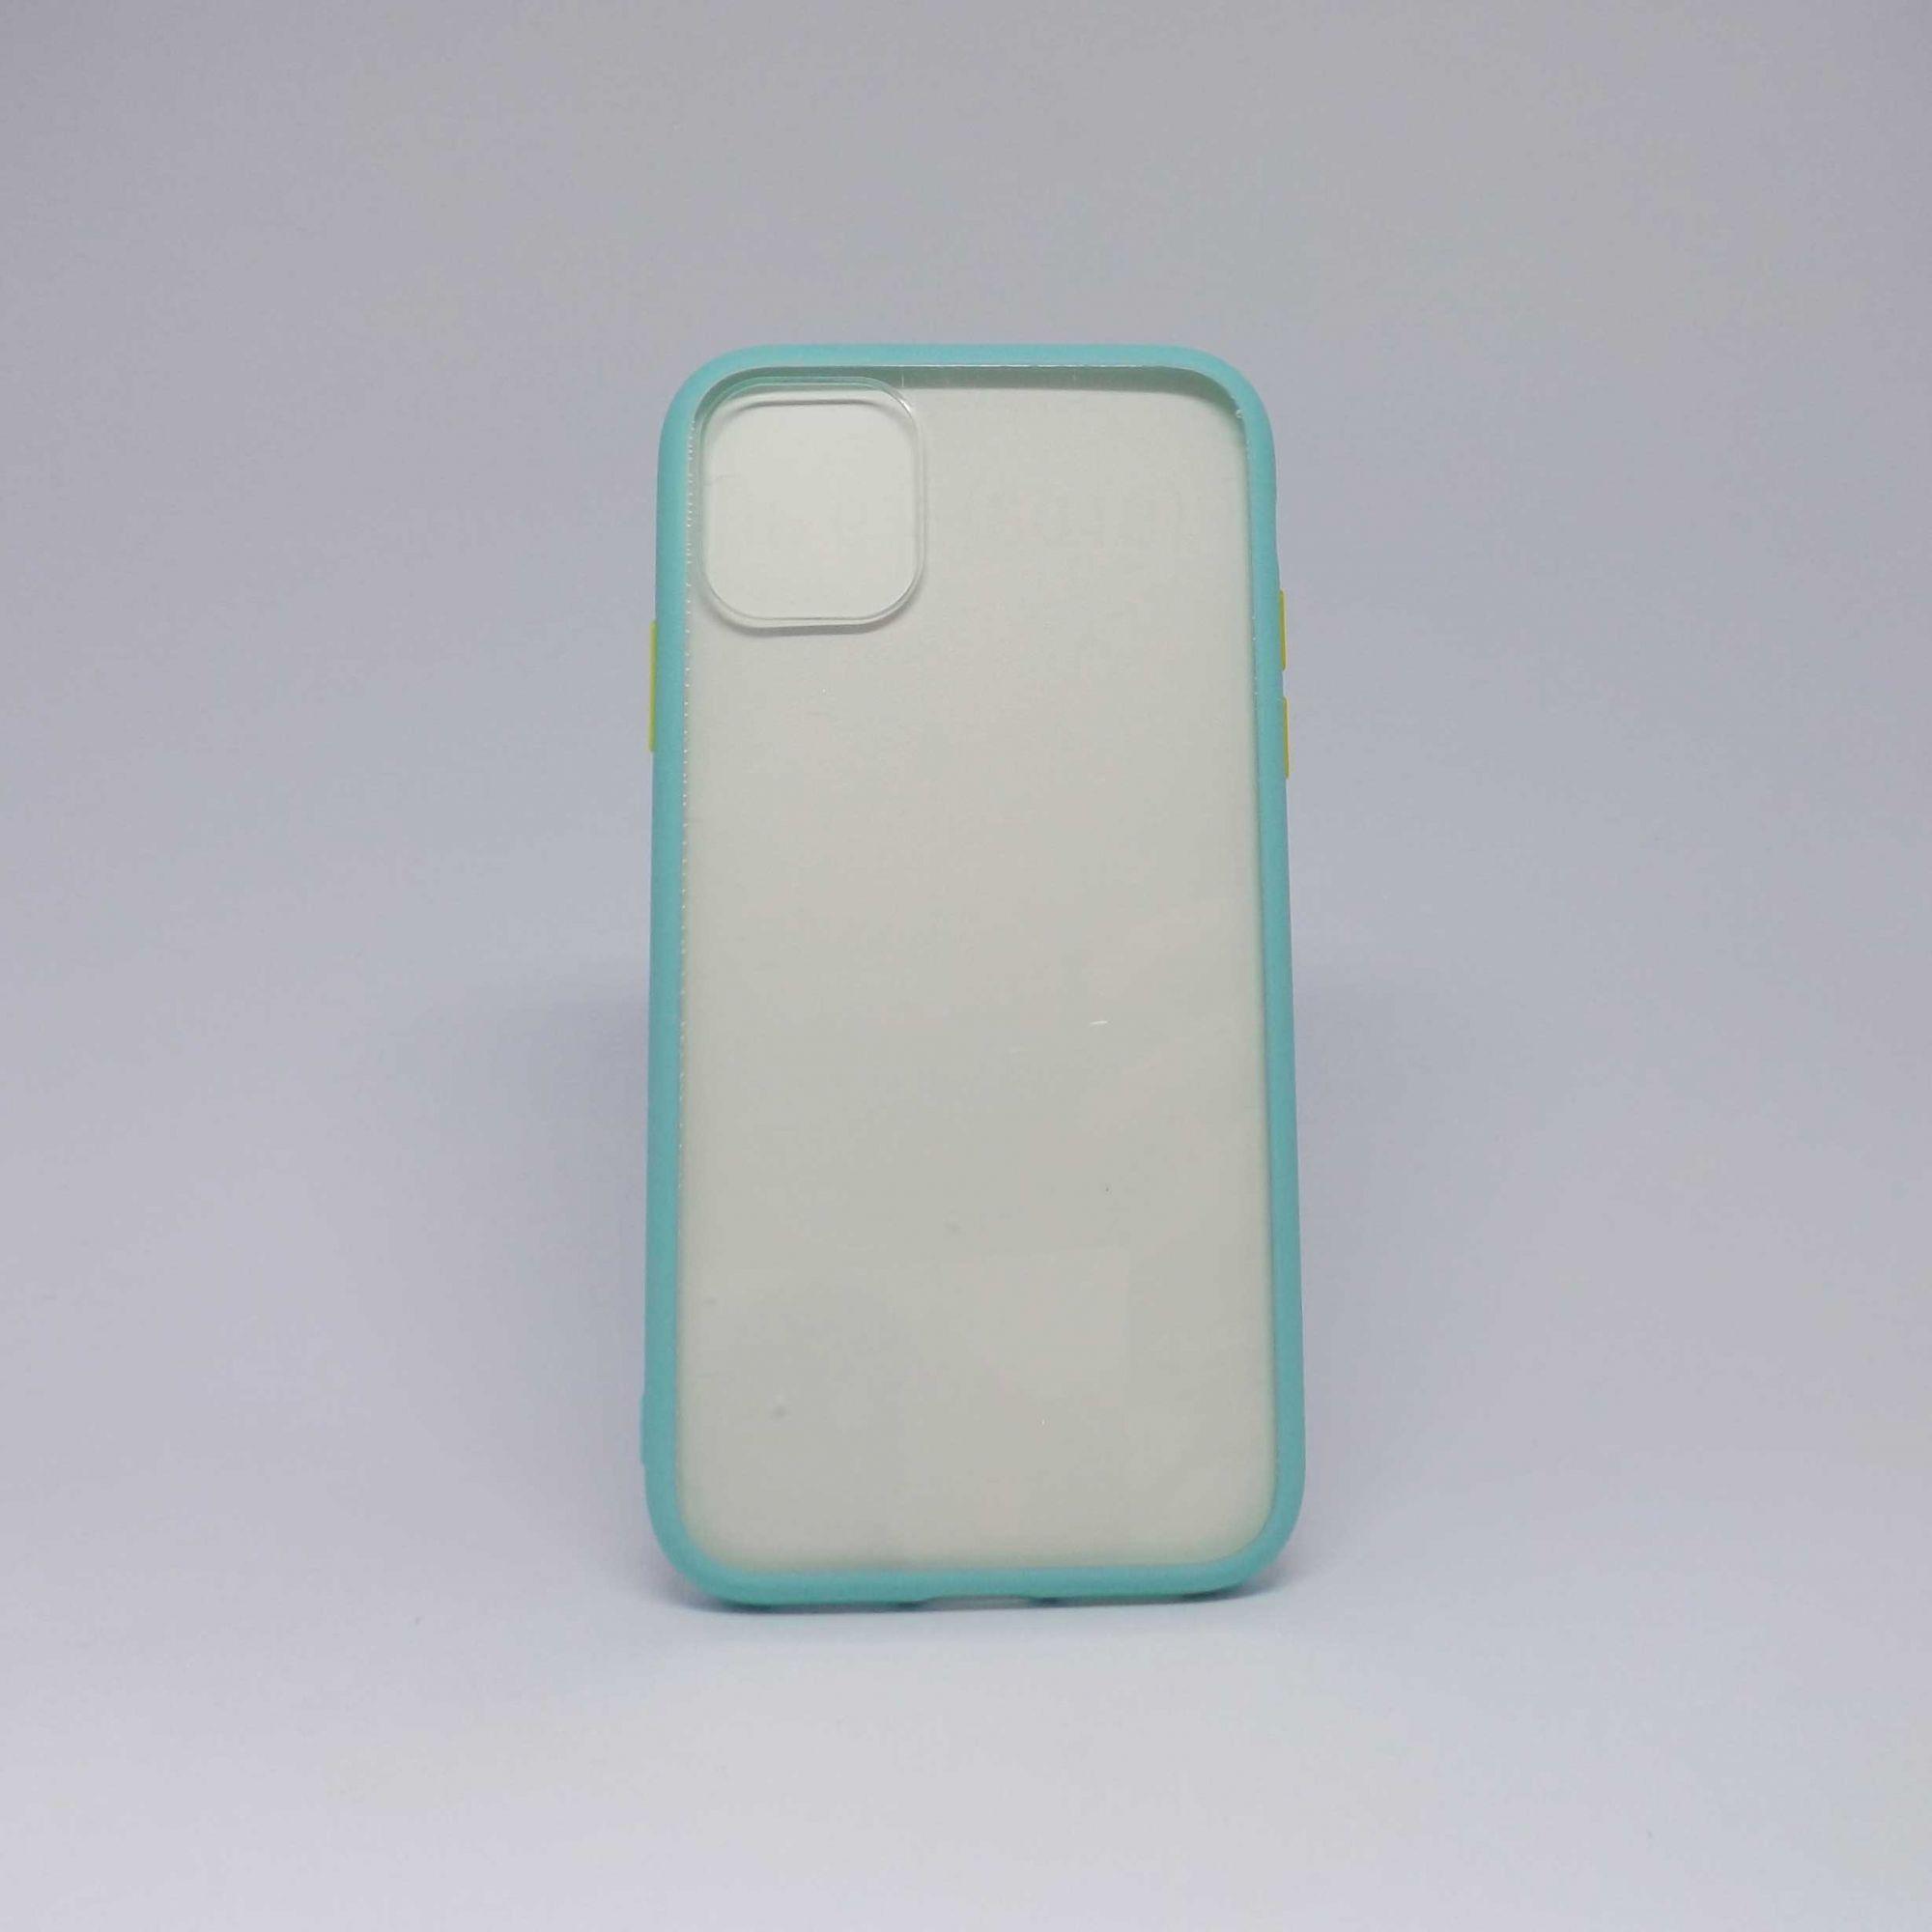 Capa Iphone 11 Transparente Com Borda Colorida